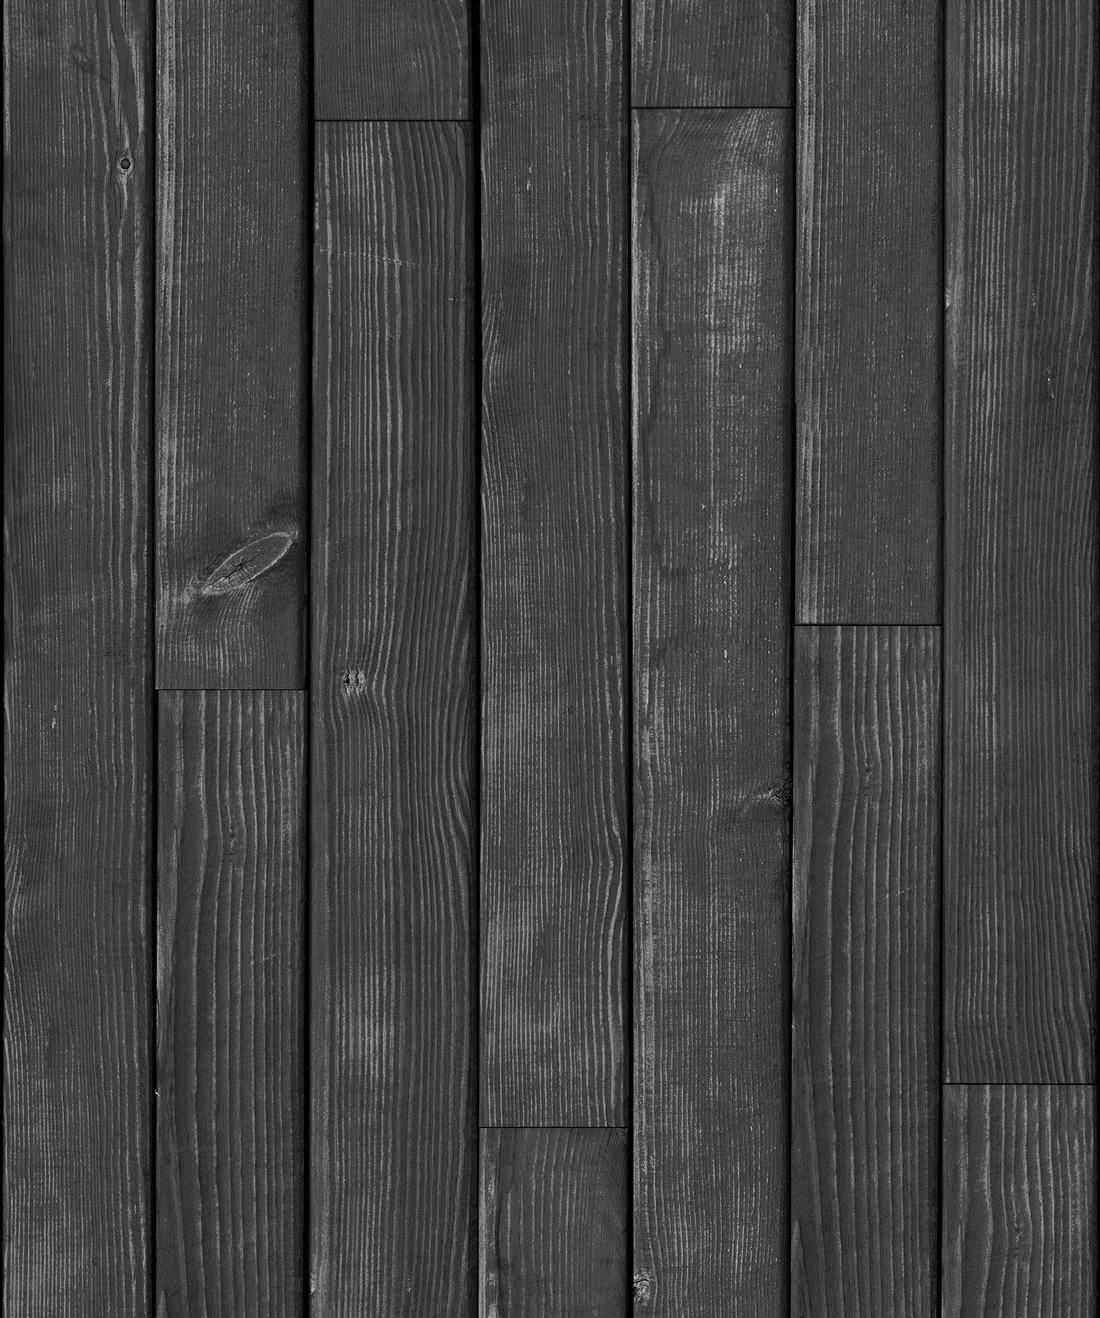 Black Wooden Boards Wallpaper